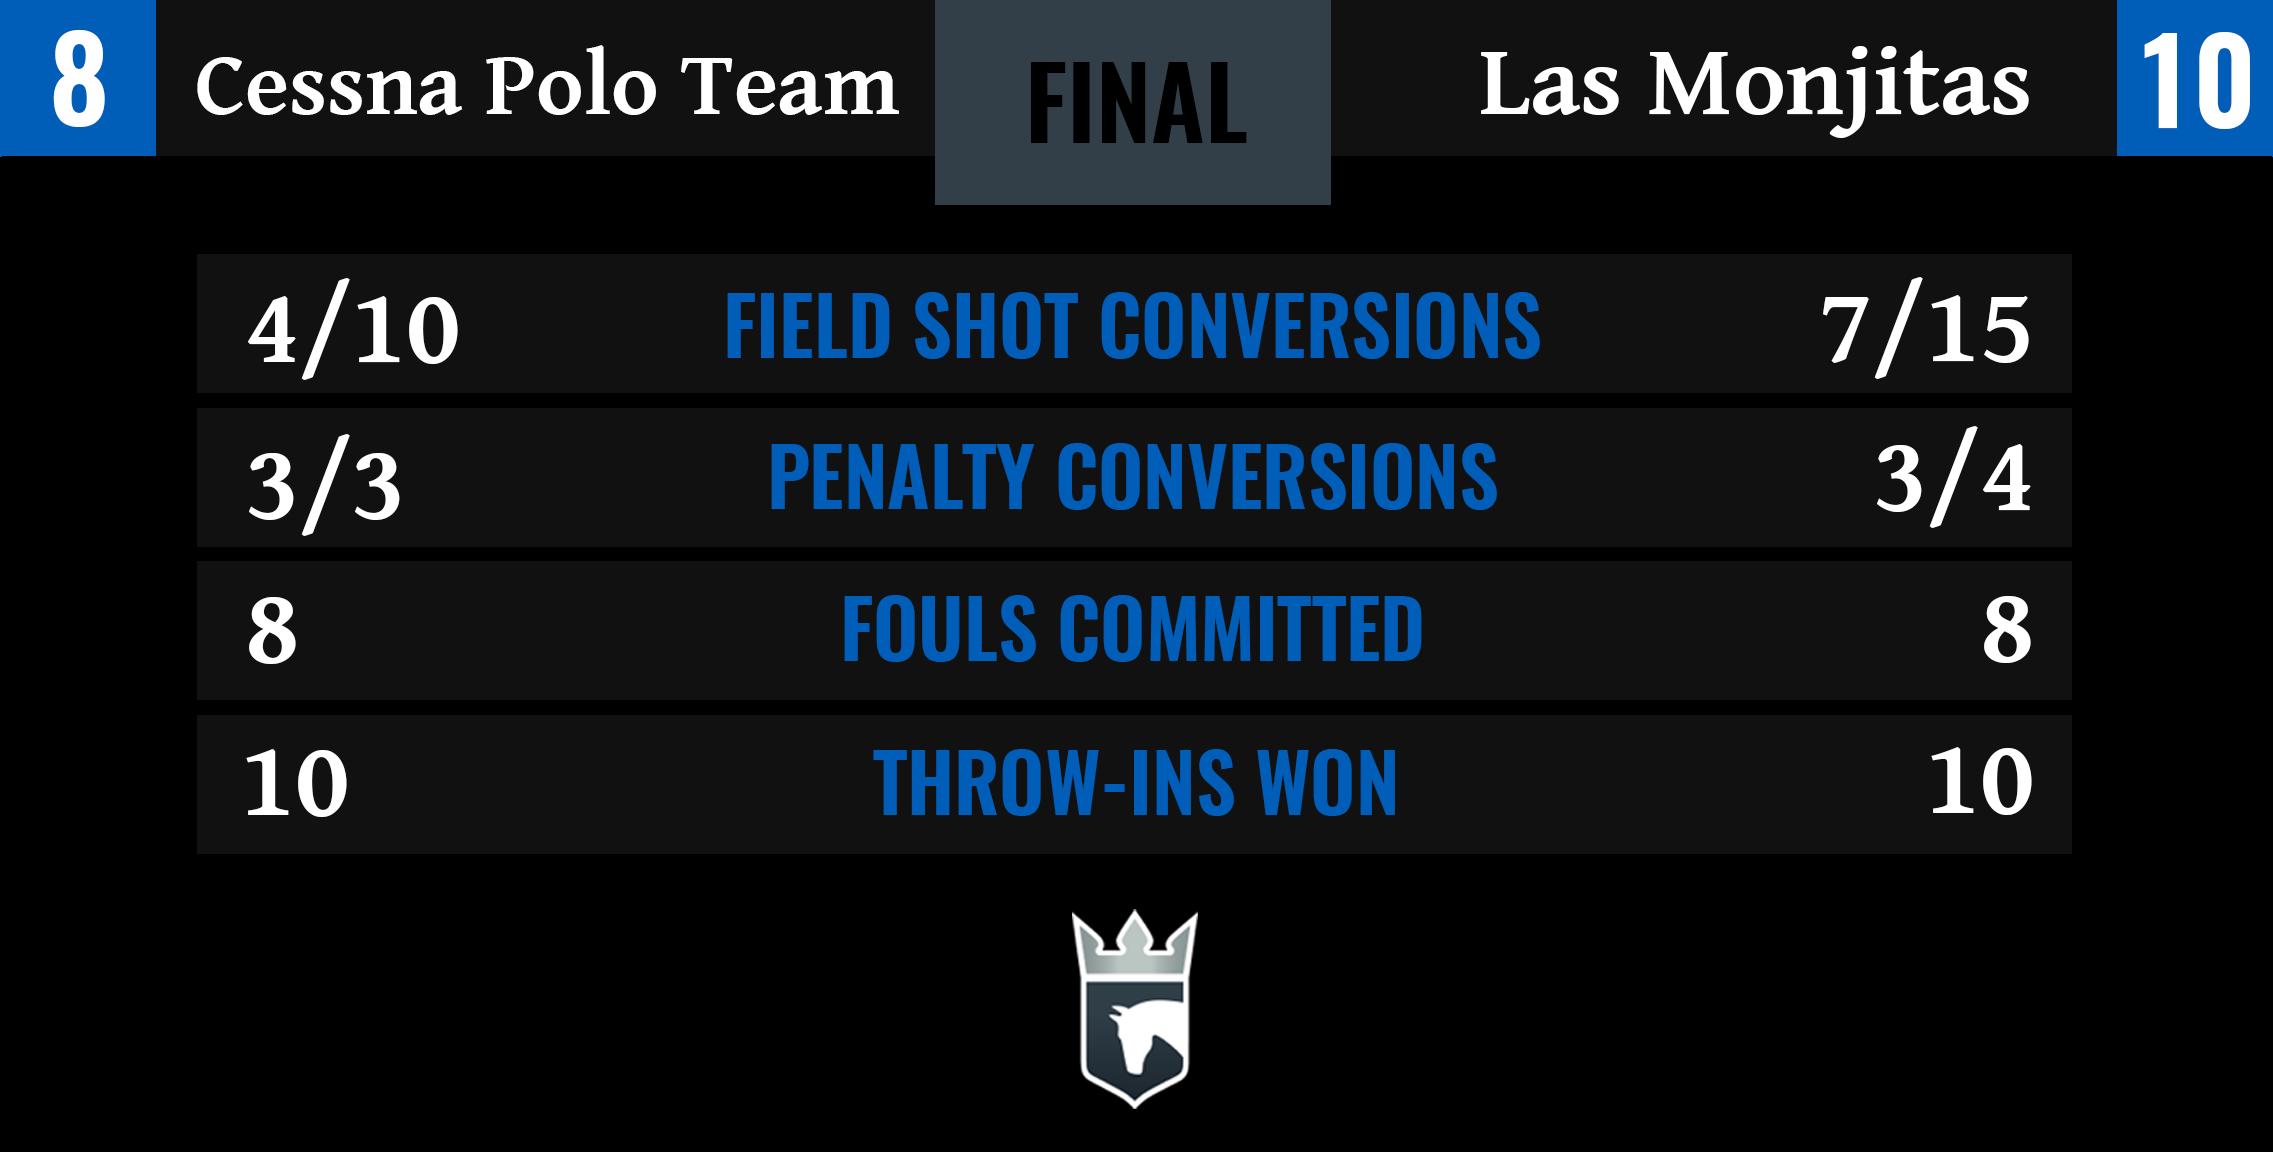 Cessna Polo Team vs Las Monjitas Final Stats